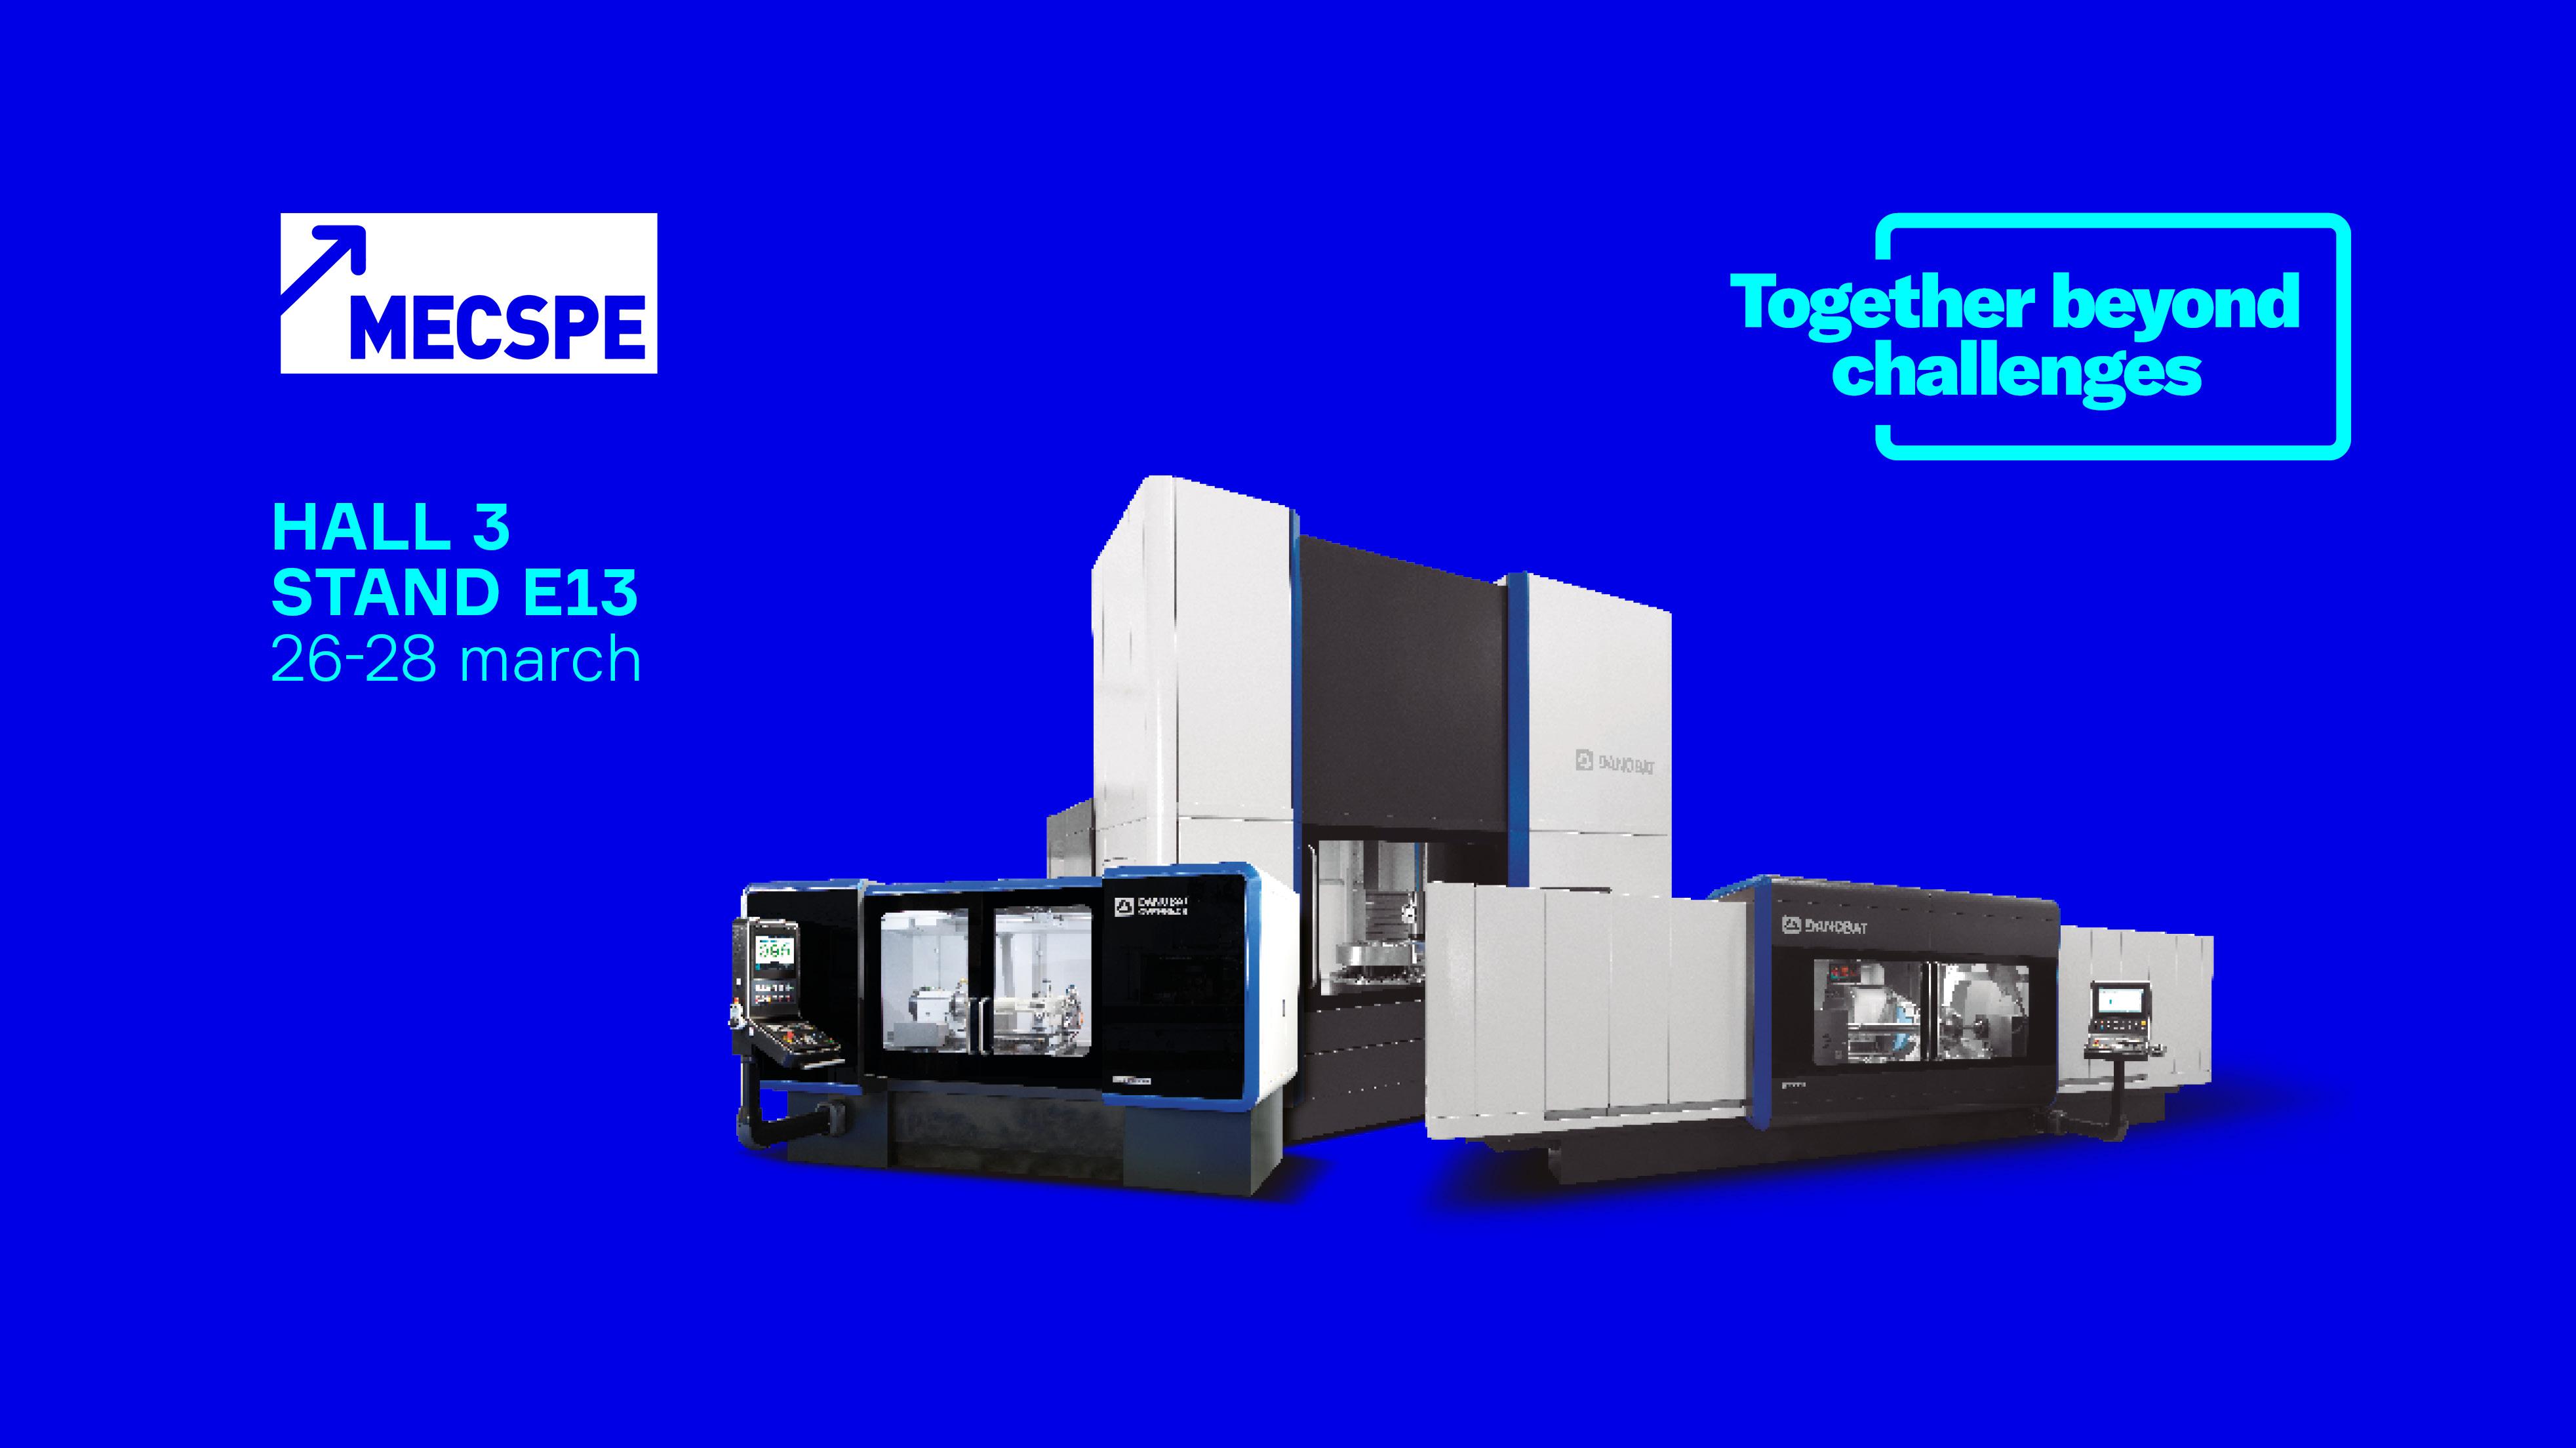 Danobat präsentiert auf der Mecspe seine neuesten Lösungen im Bereich Hochpräzisions- und Produktionsschleifen.